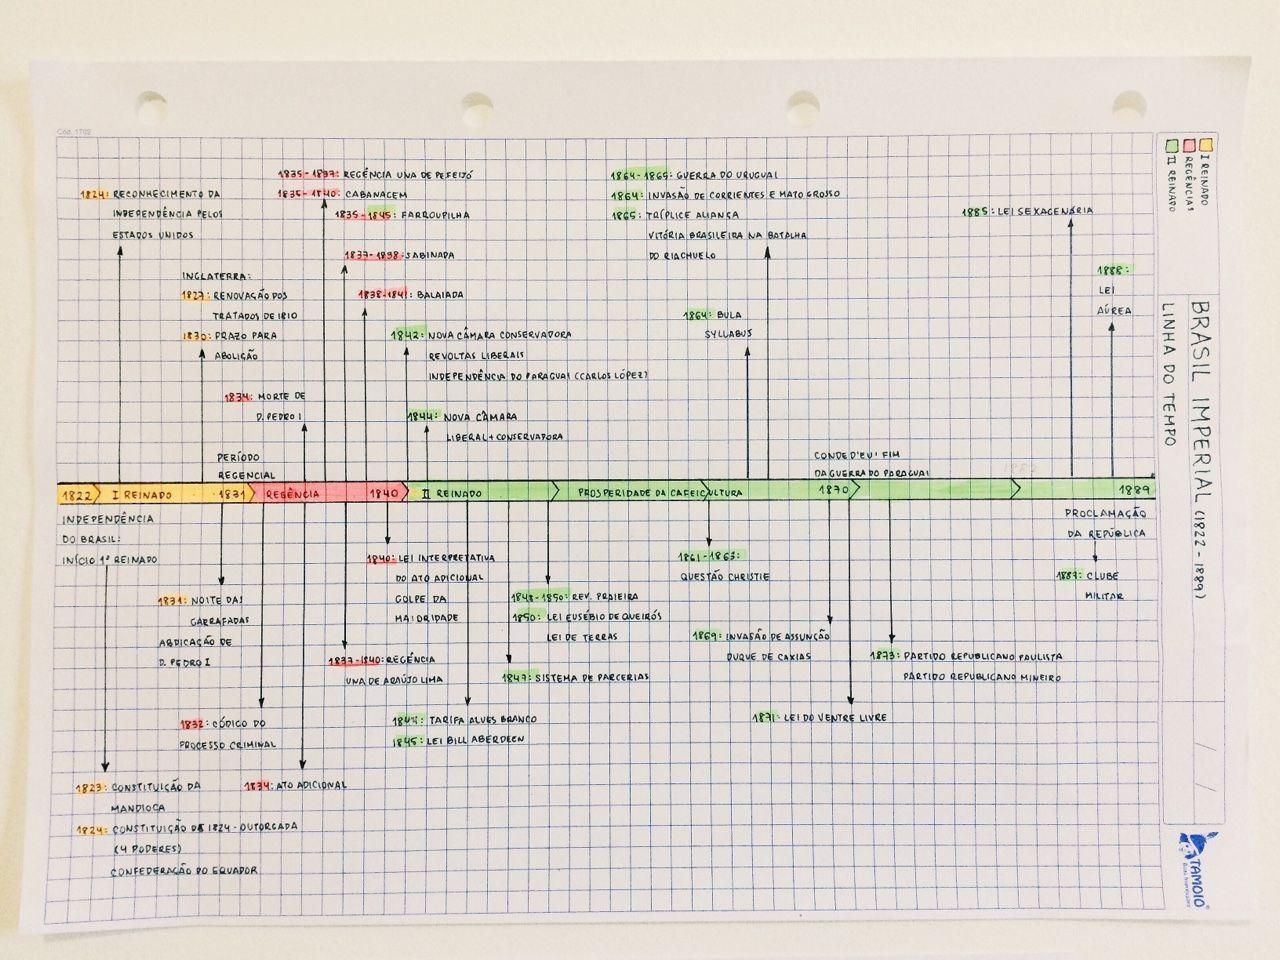 Vestiblr Brazilian History Timeline